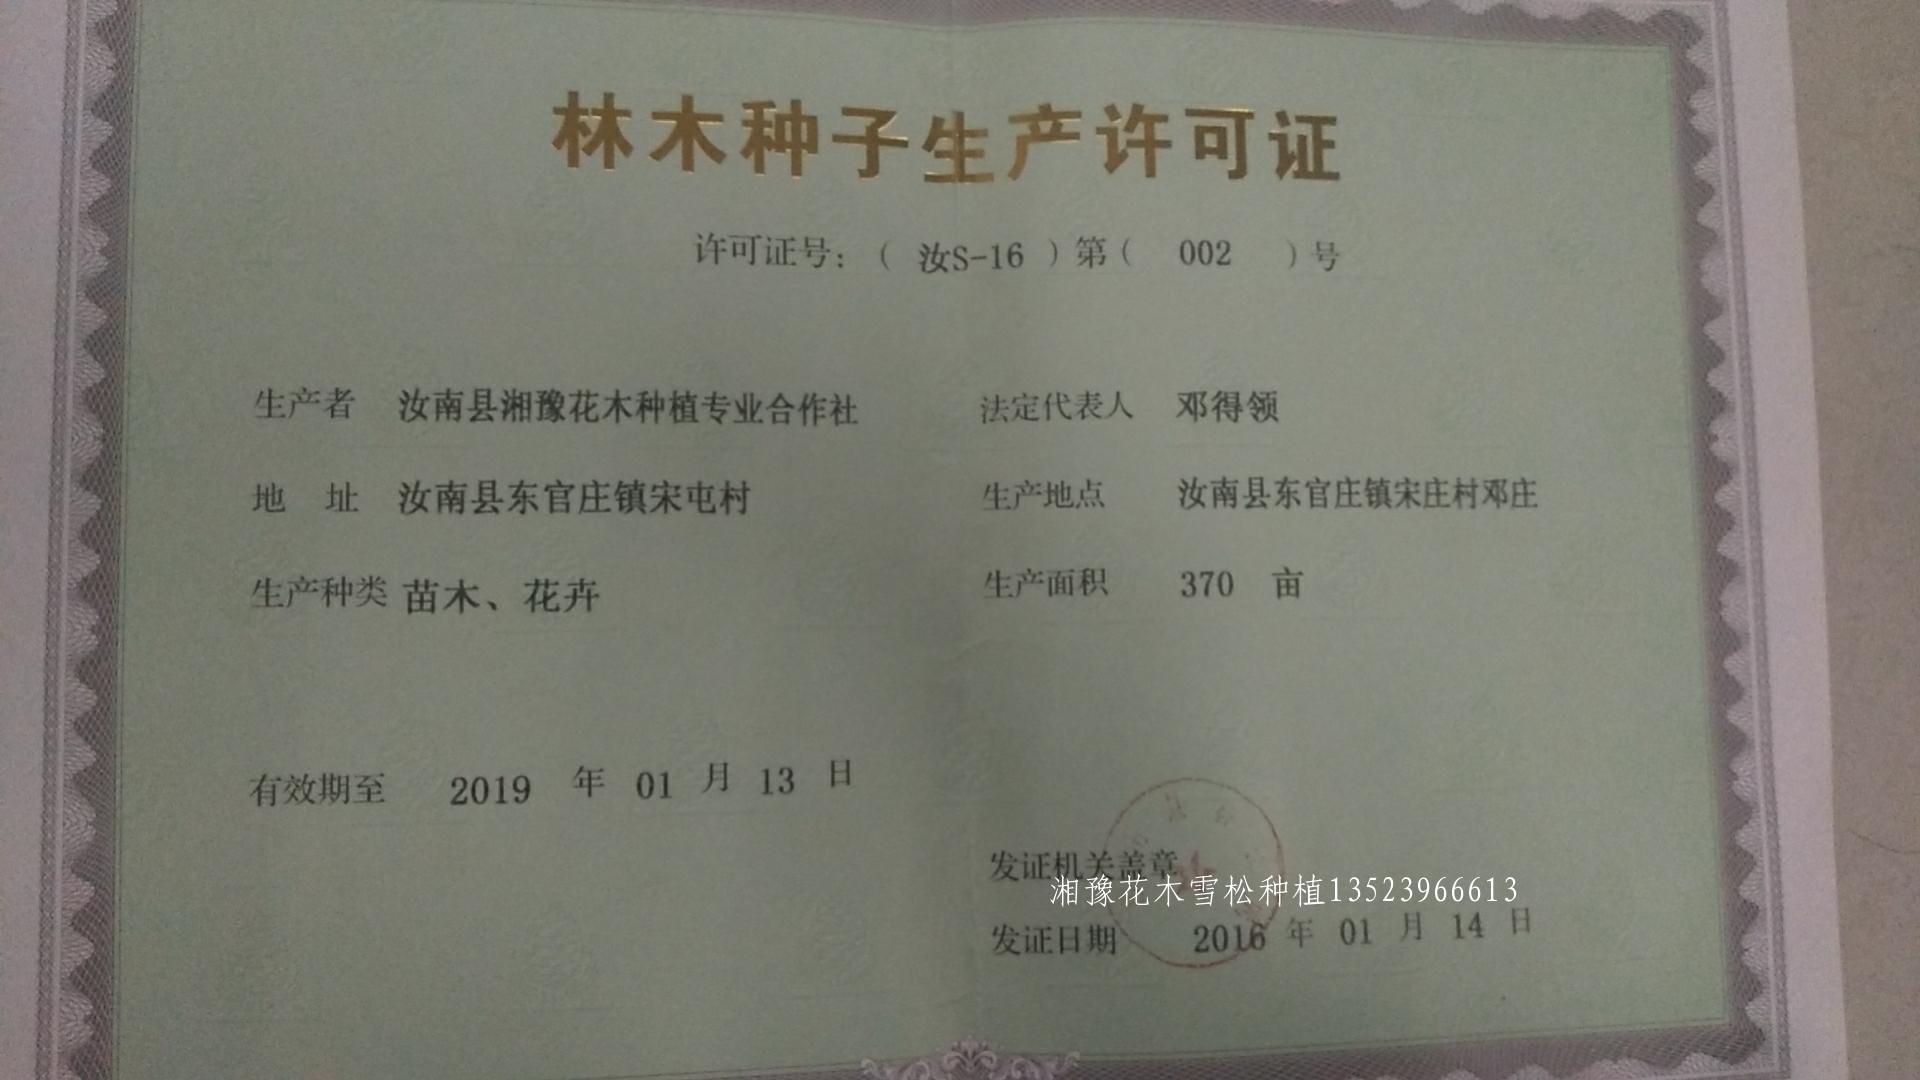 湘豫苗木营业执照核定370亩